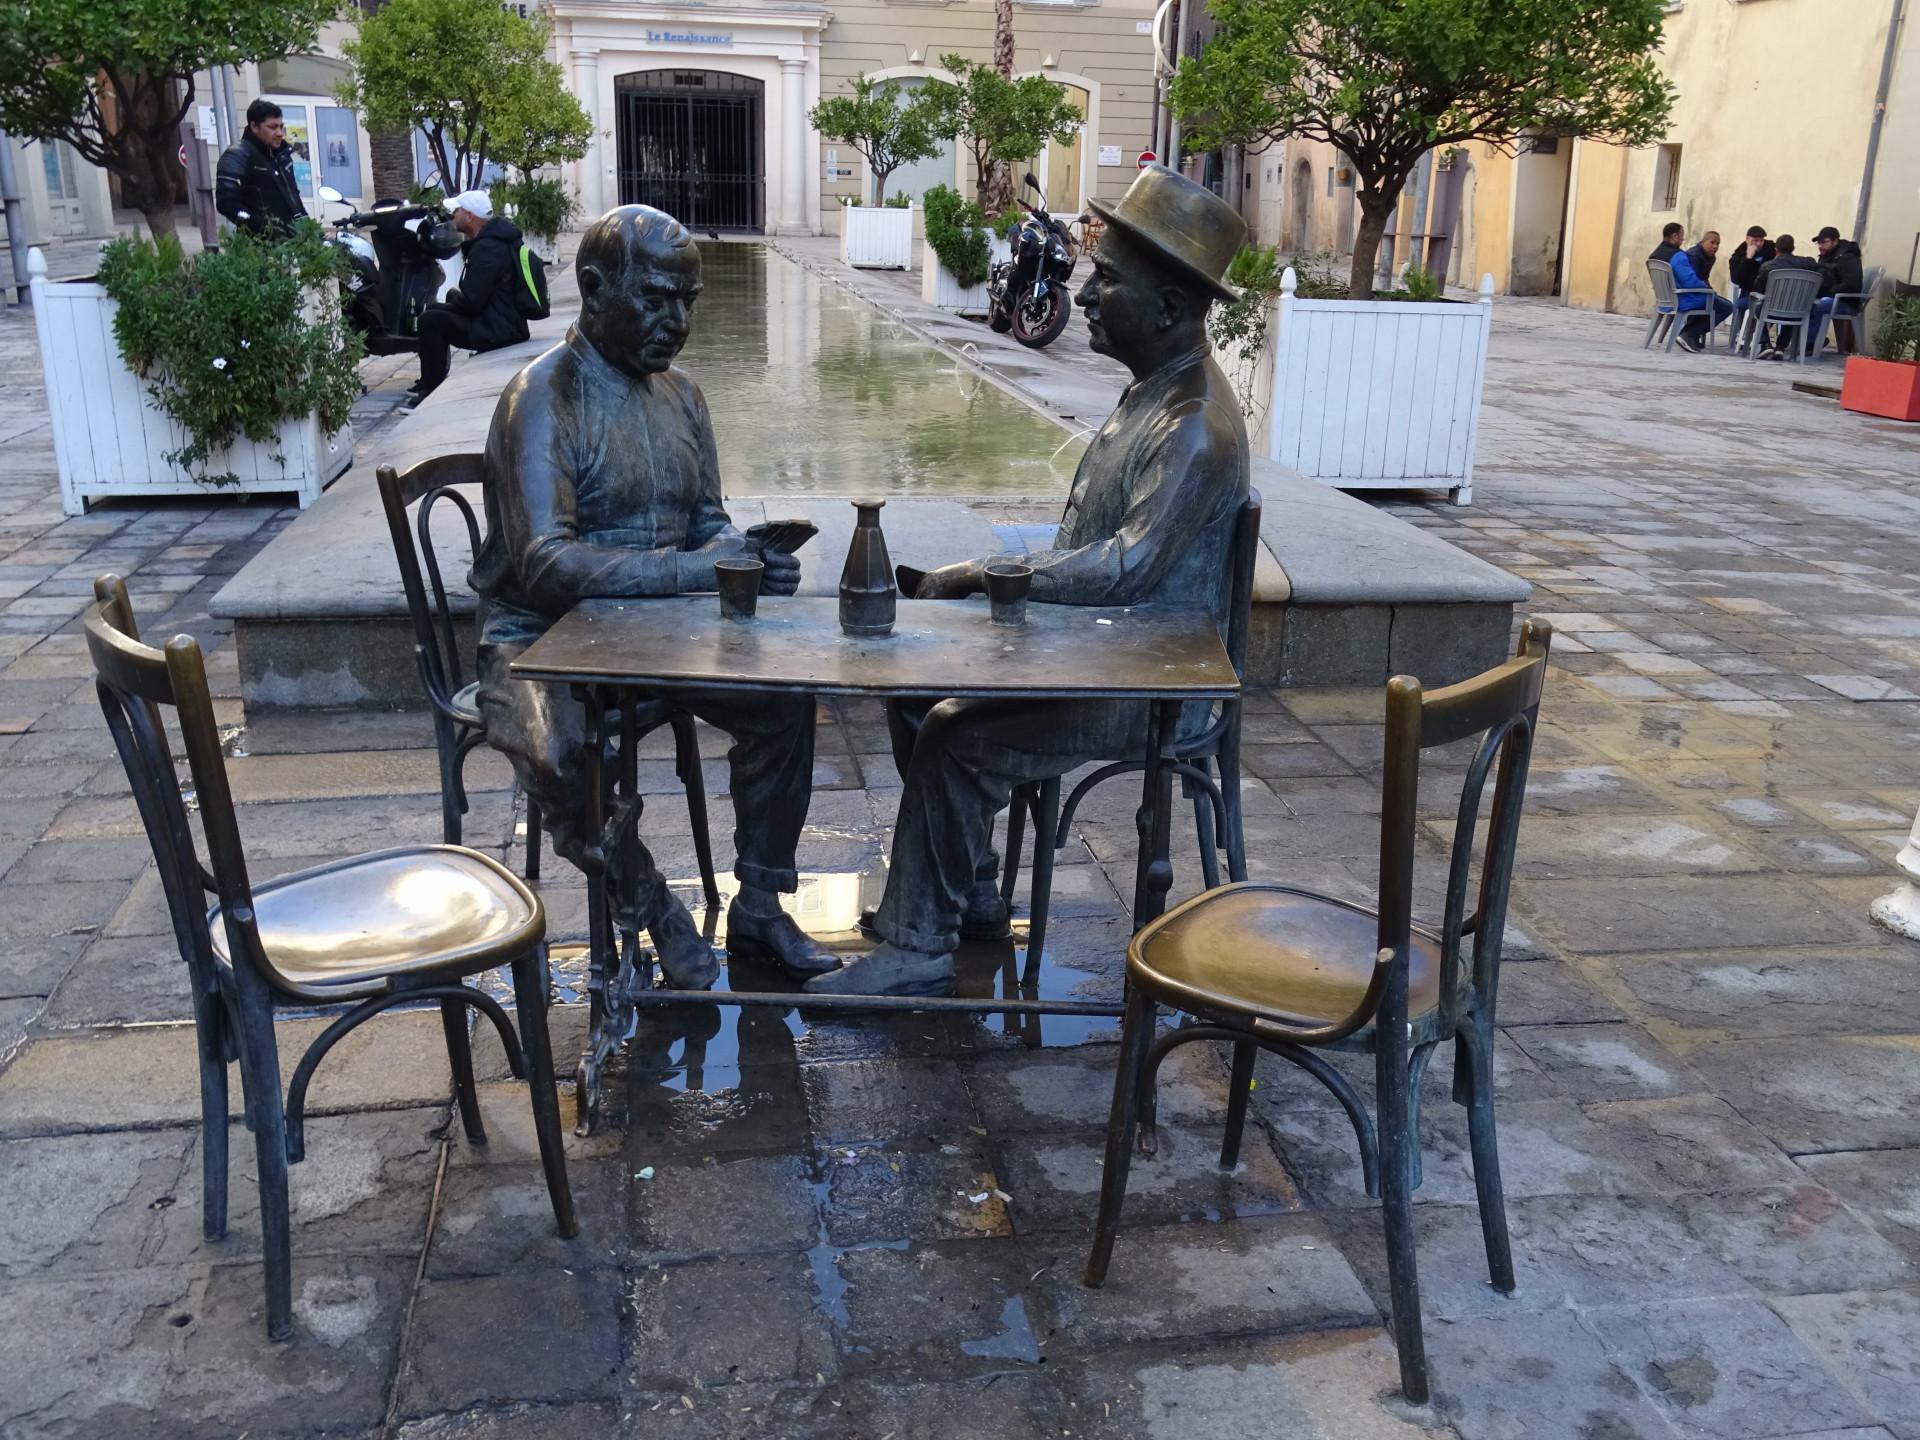 Viaggio a Tolone: una città che si scopre solo attraverso i suoi chiaroscuri